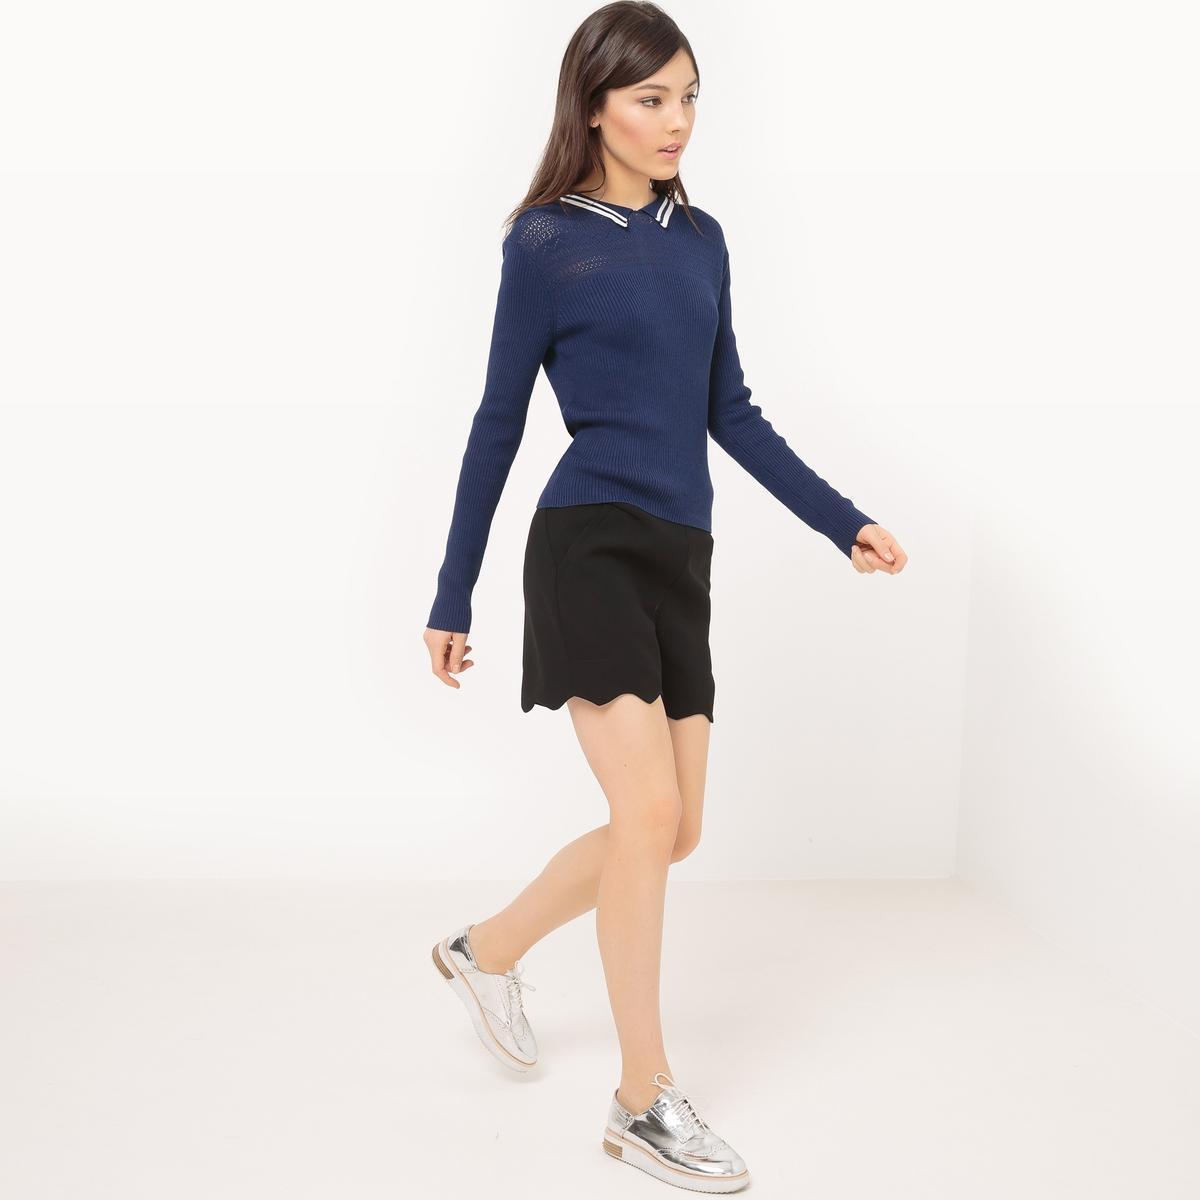 Пуловер с воротником поло из хлопкаМатериал : 50% хлопка, 50% модала          Длина рукава : Длинные рукава          Форма воротника : воротник-поло, рубашечный          Покрой пуловера : стандартный          Рисунок : Однотонная модель          Особенность материала : ажурный трикотаж<br><br>Цвет: красный,темно-синий<br>Размер: S.XL.L.M.XL.L.M